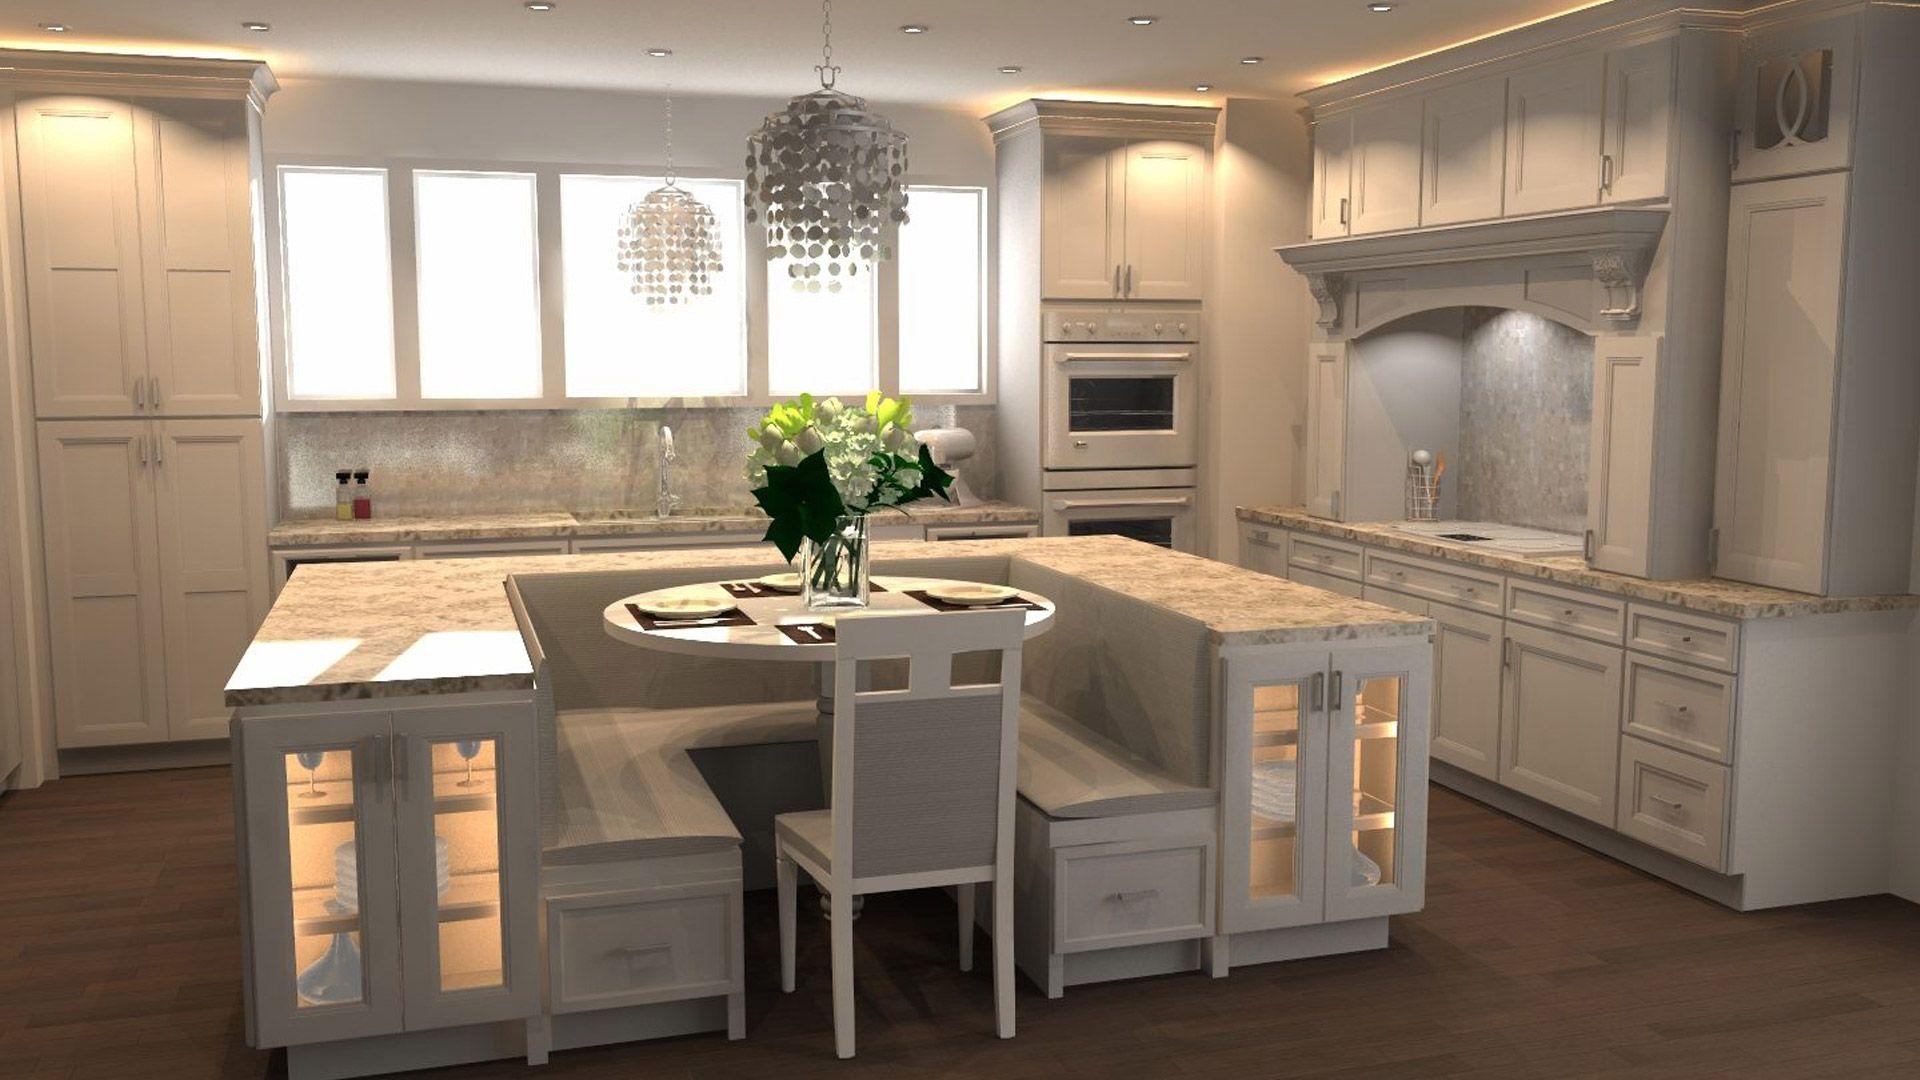 2020 Design Kitchen Remodel Design Kitchen Designs Layout Kitchen Inspiration Design